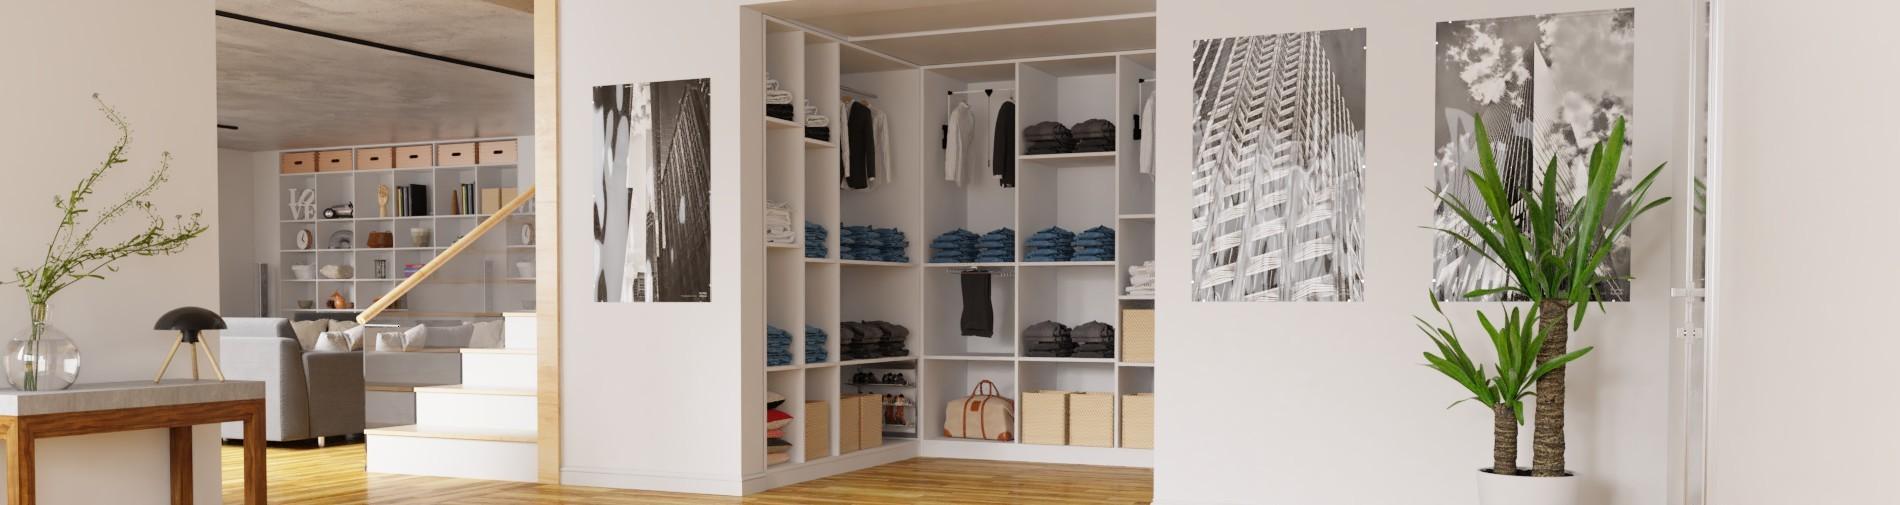 Begehbarer Kleiderschrank - System nach Maß planen ...